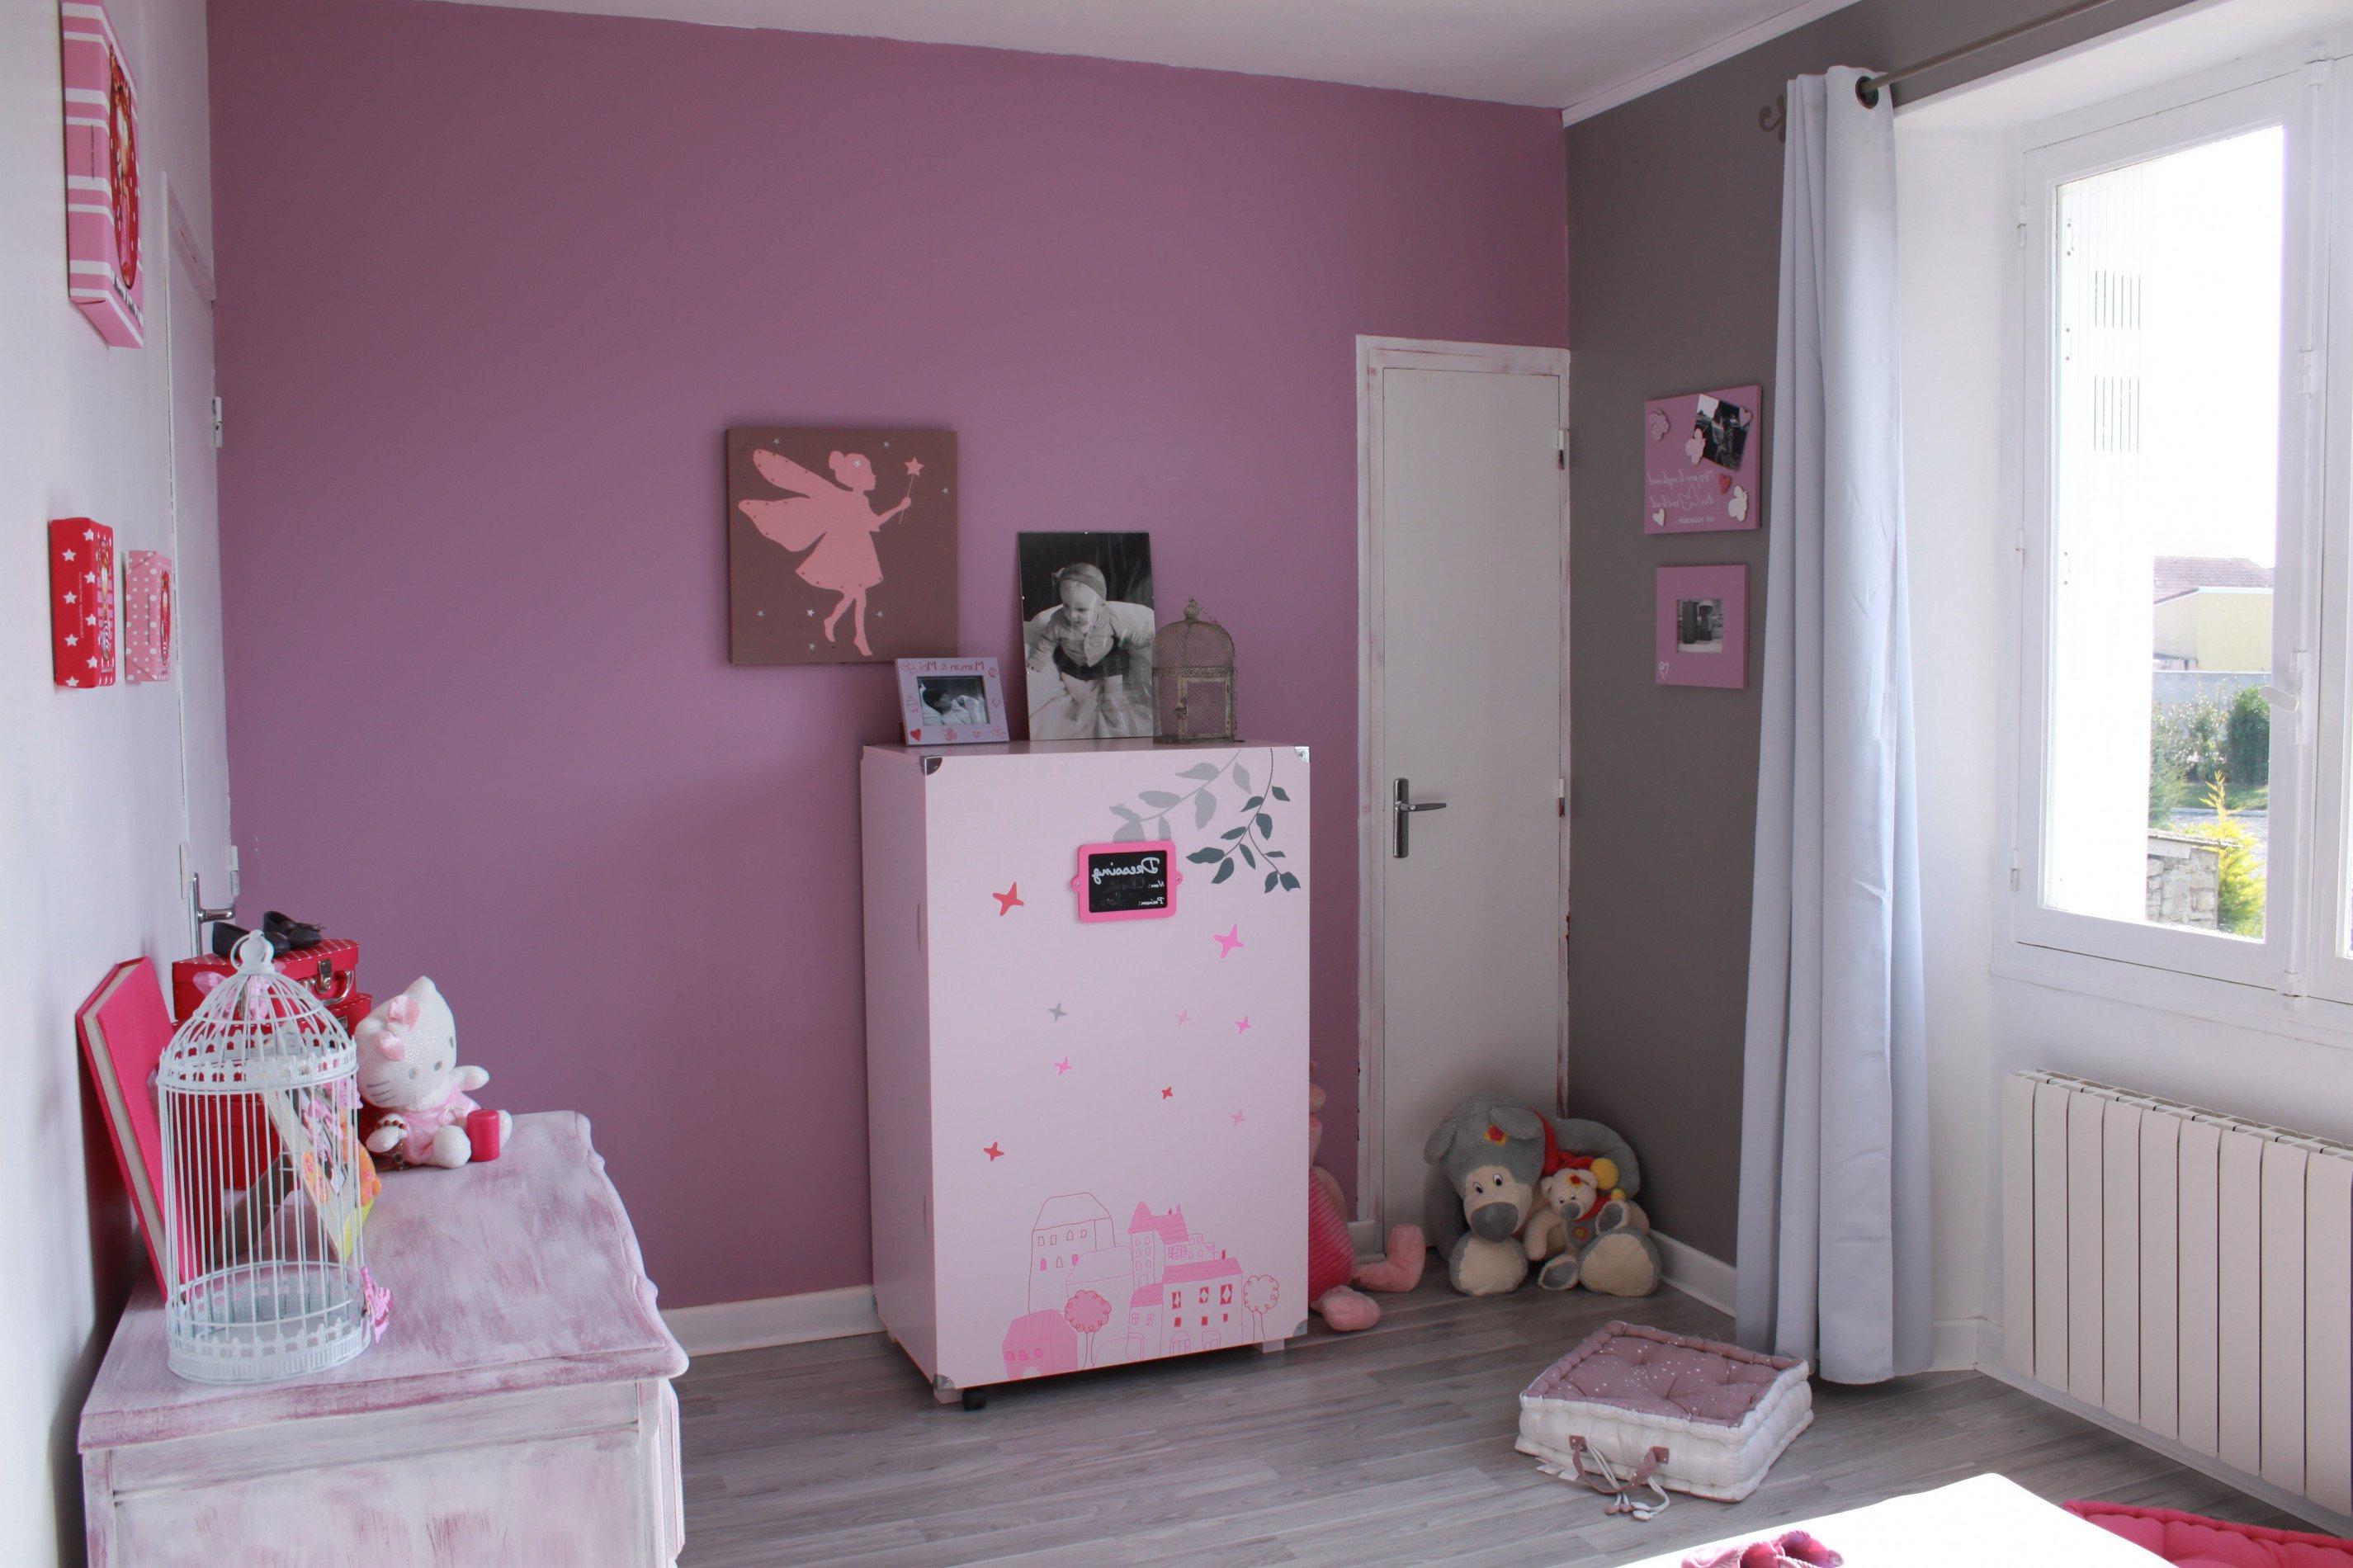 Chambre Ado Fille Moderne 2013 Violet Impressionnant Photographie √ Ides Dco Chambre Pratique Couleur Chambre Bebe Fille Ides Opinion